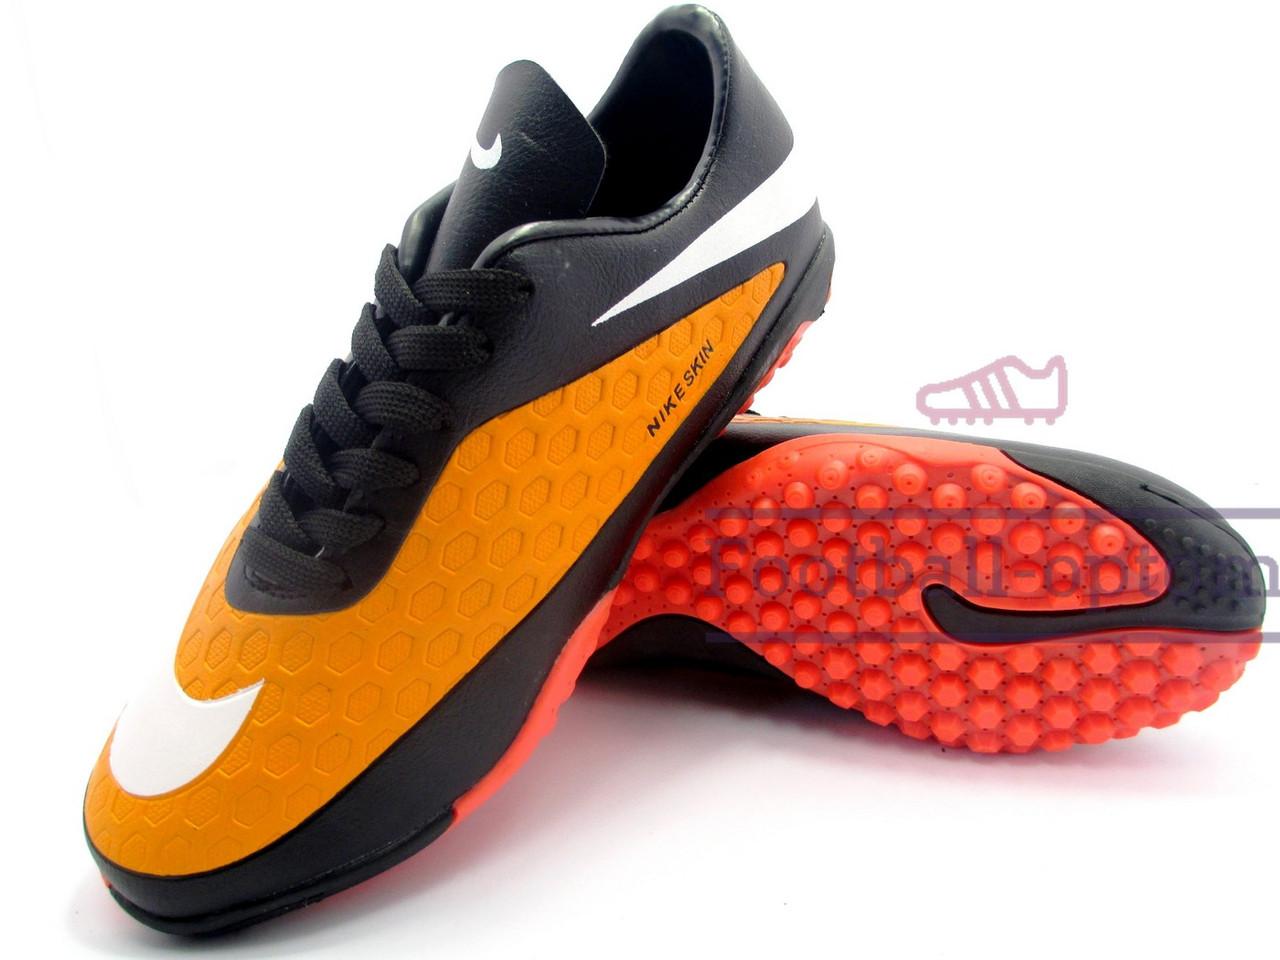 Сороконожки Nike Hypervenom Phantom Найк Гипервеном Фантом, оранжевые,  к11476 - Футбольный супермаркет